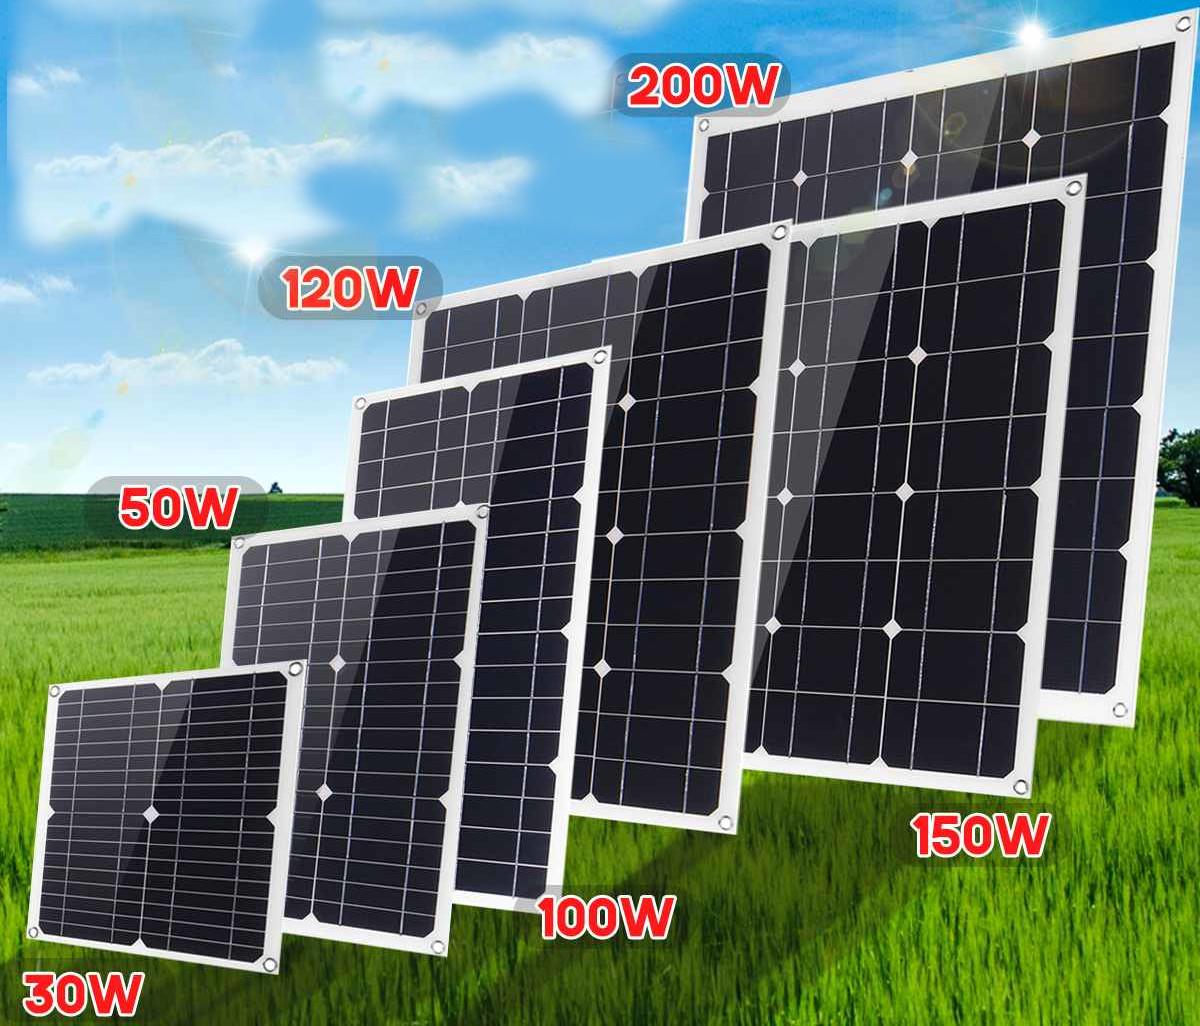 Solar panels 50W 100W 150W